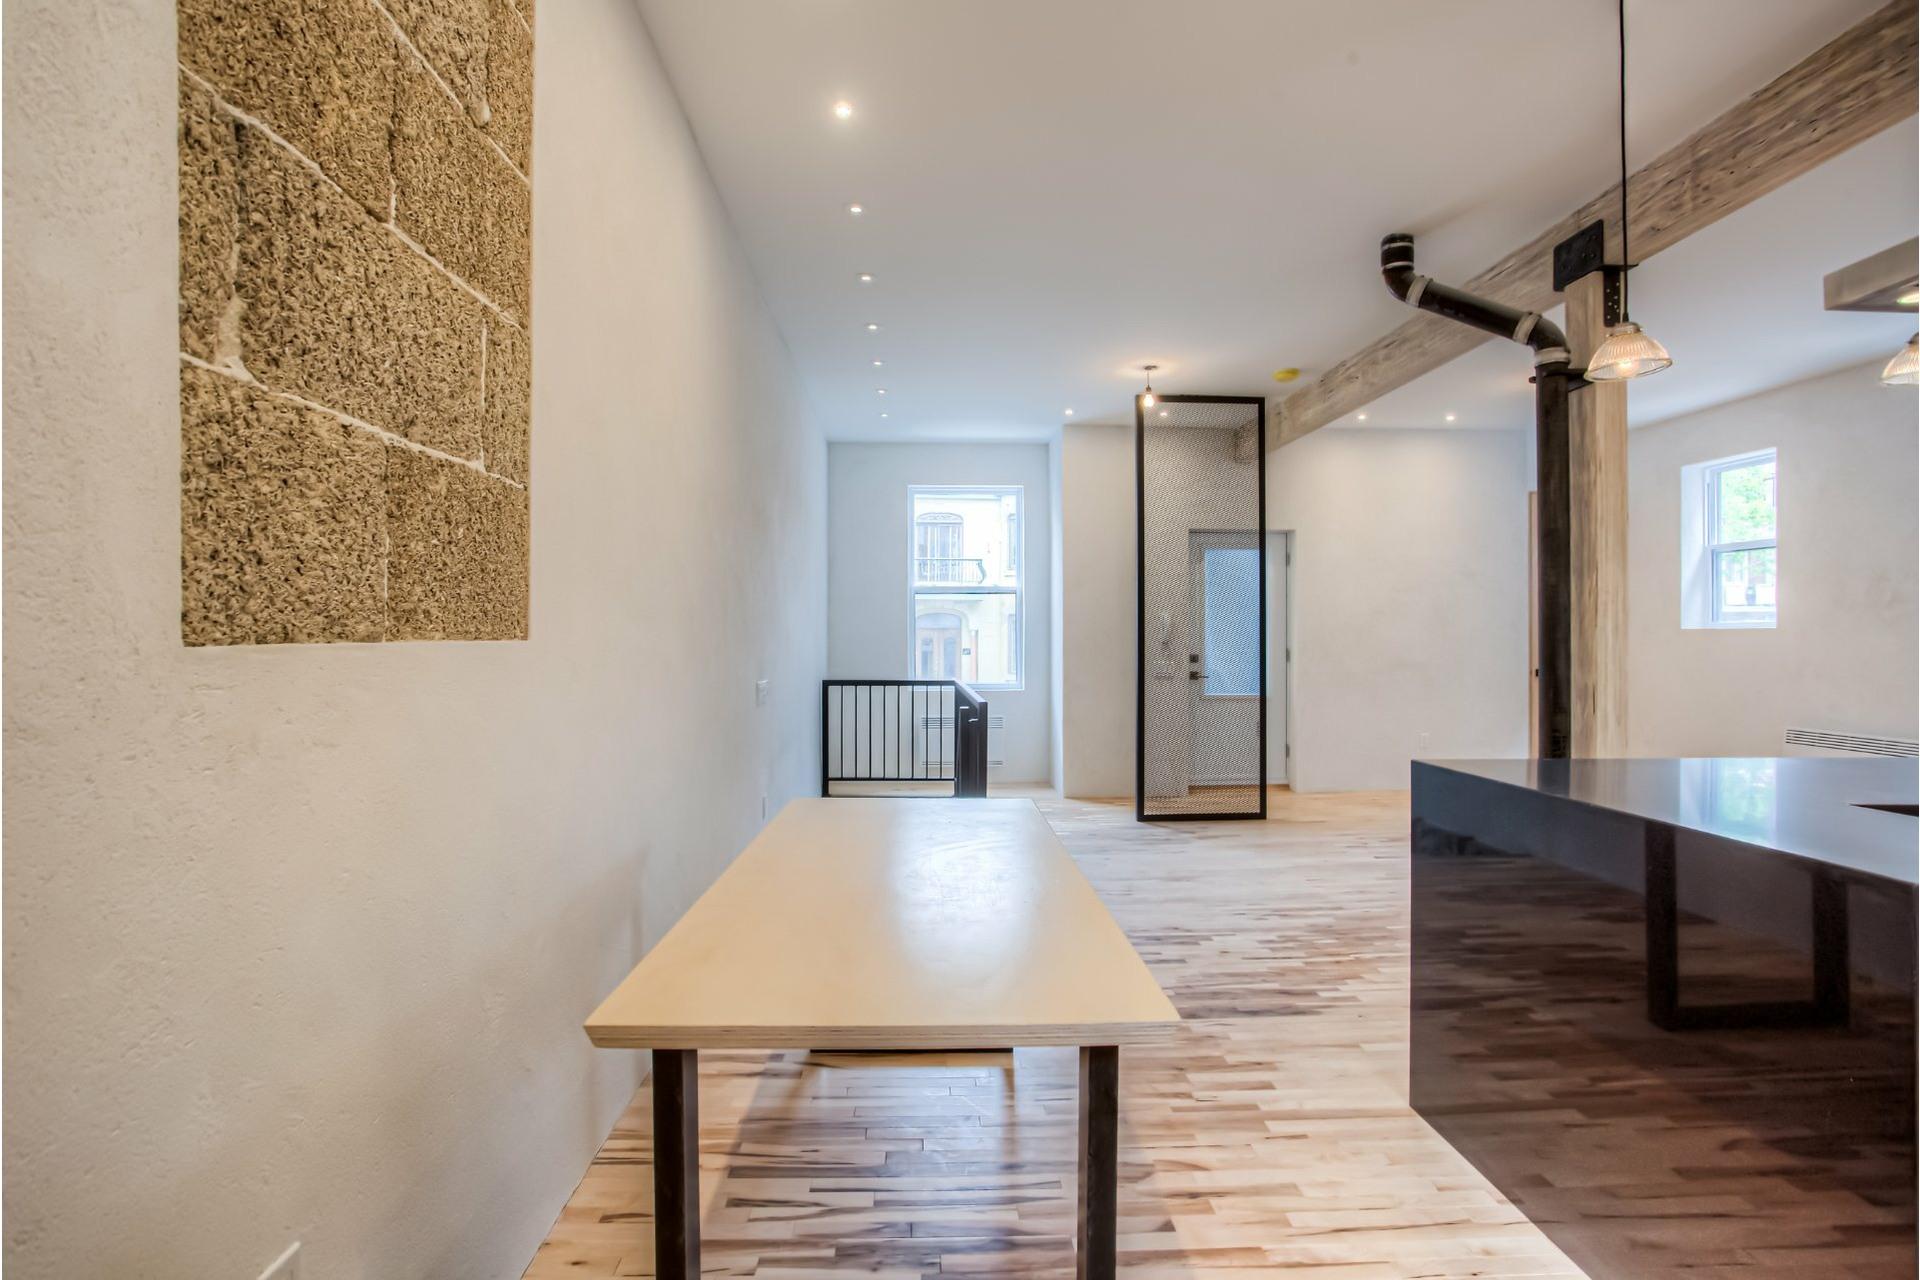 image 10 - Duplex À vendre Mercier/Hochelaga-Maisonneuve Montréal  - 4 pièces